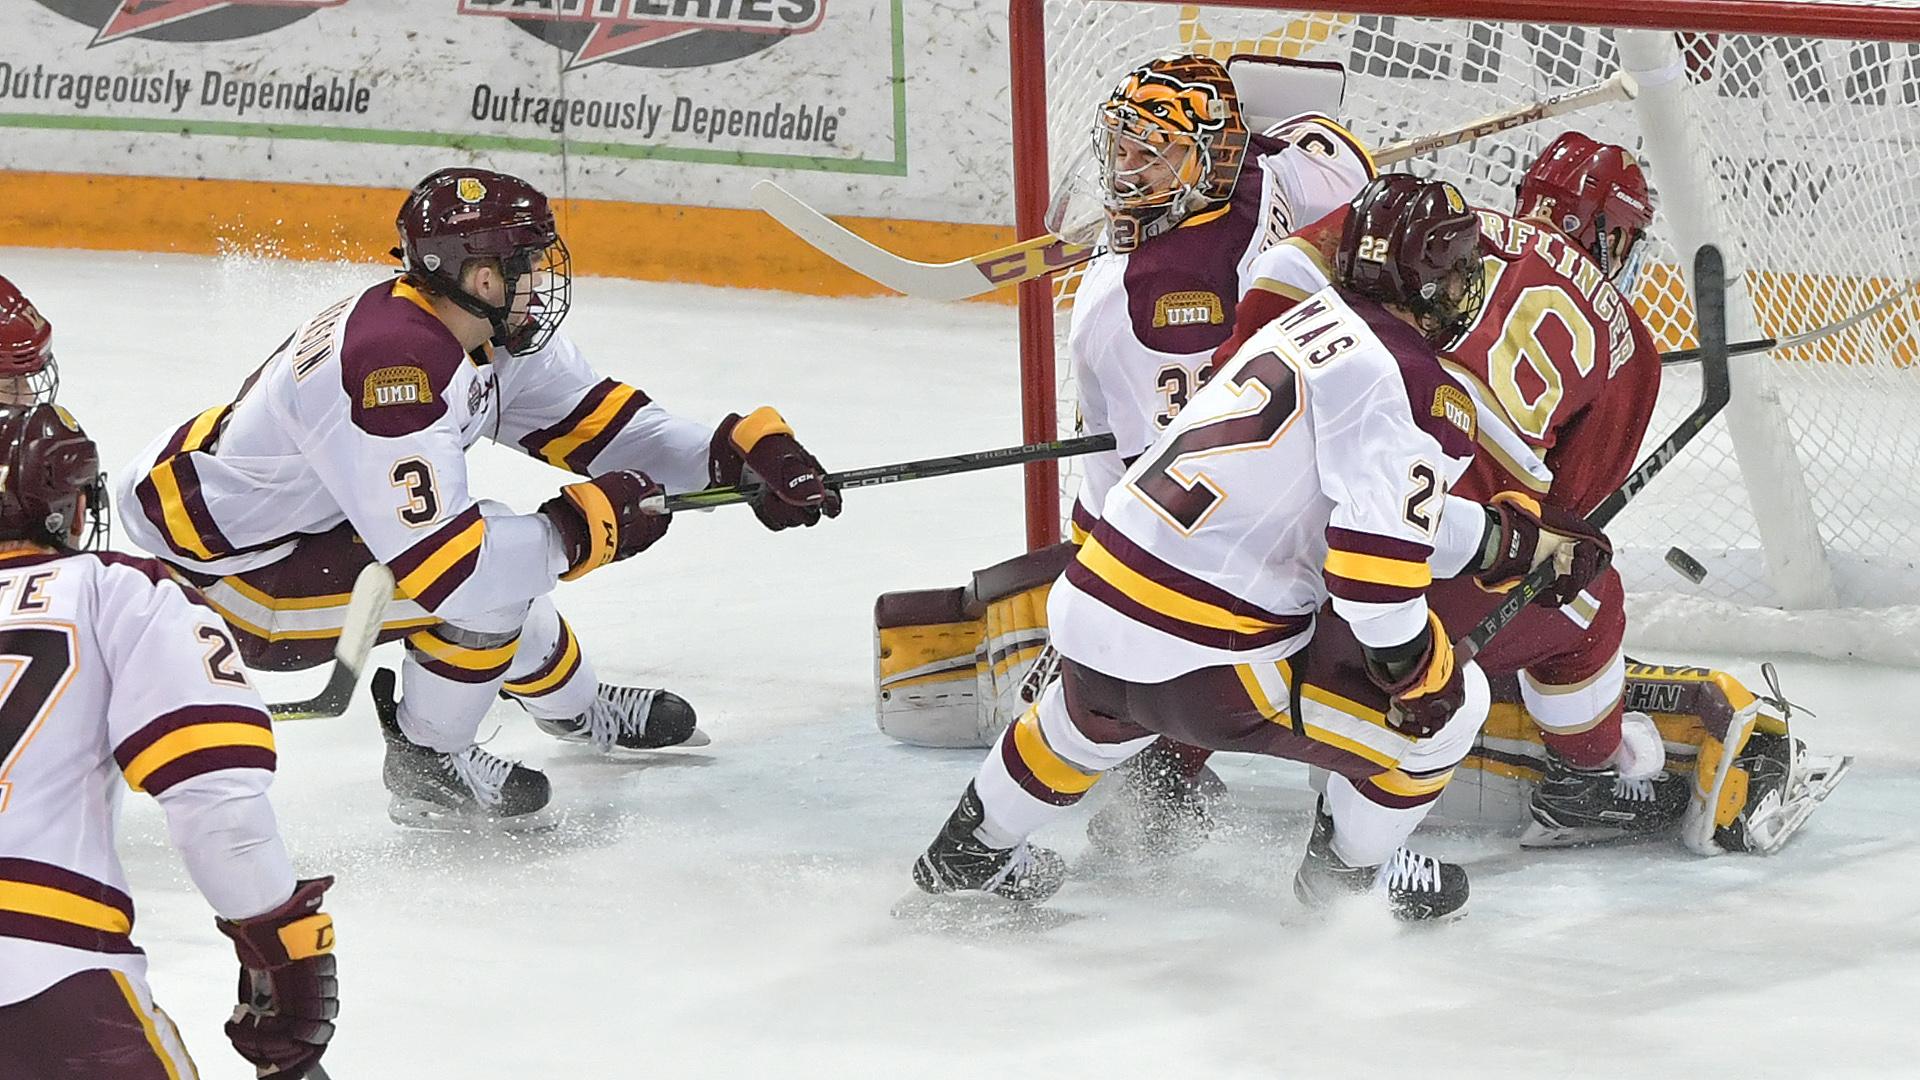 DU's game winning goal by Jake Durflinger. Photo courtesy of Brett Groehler